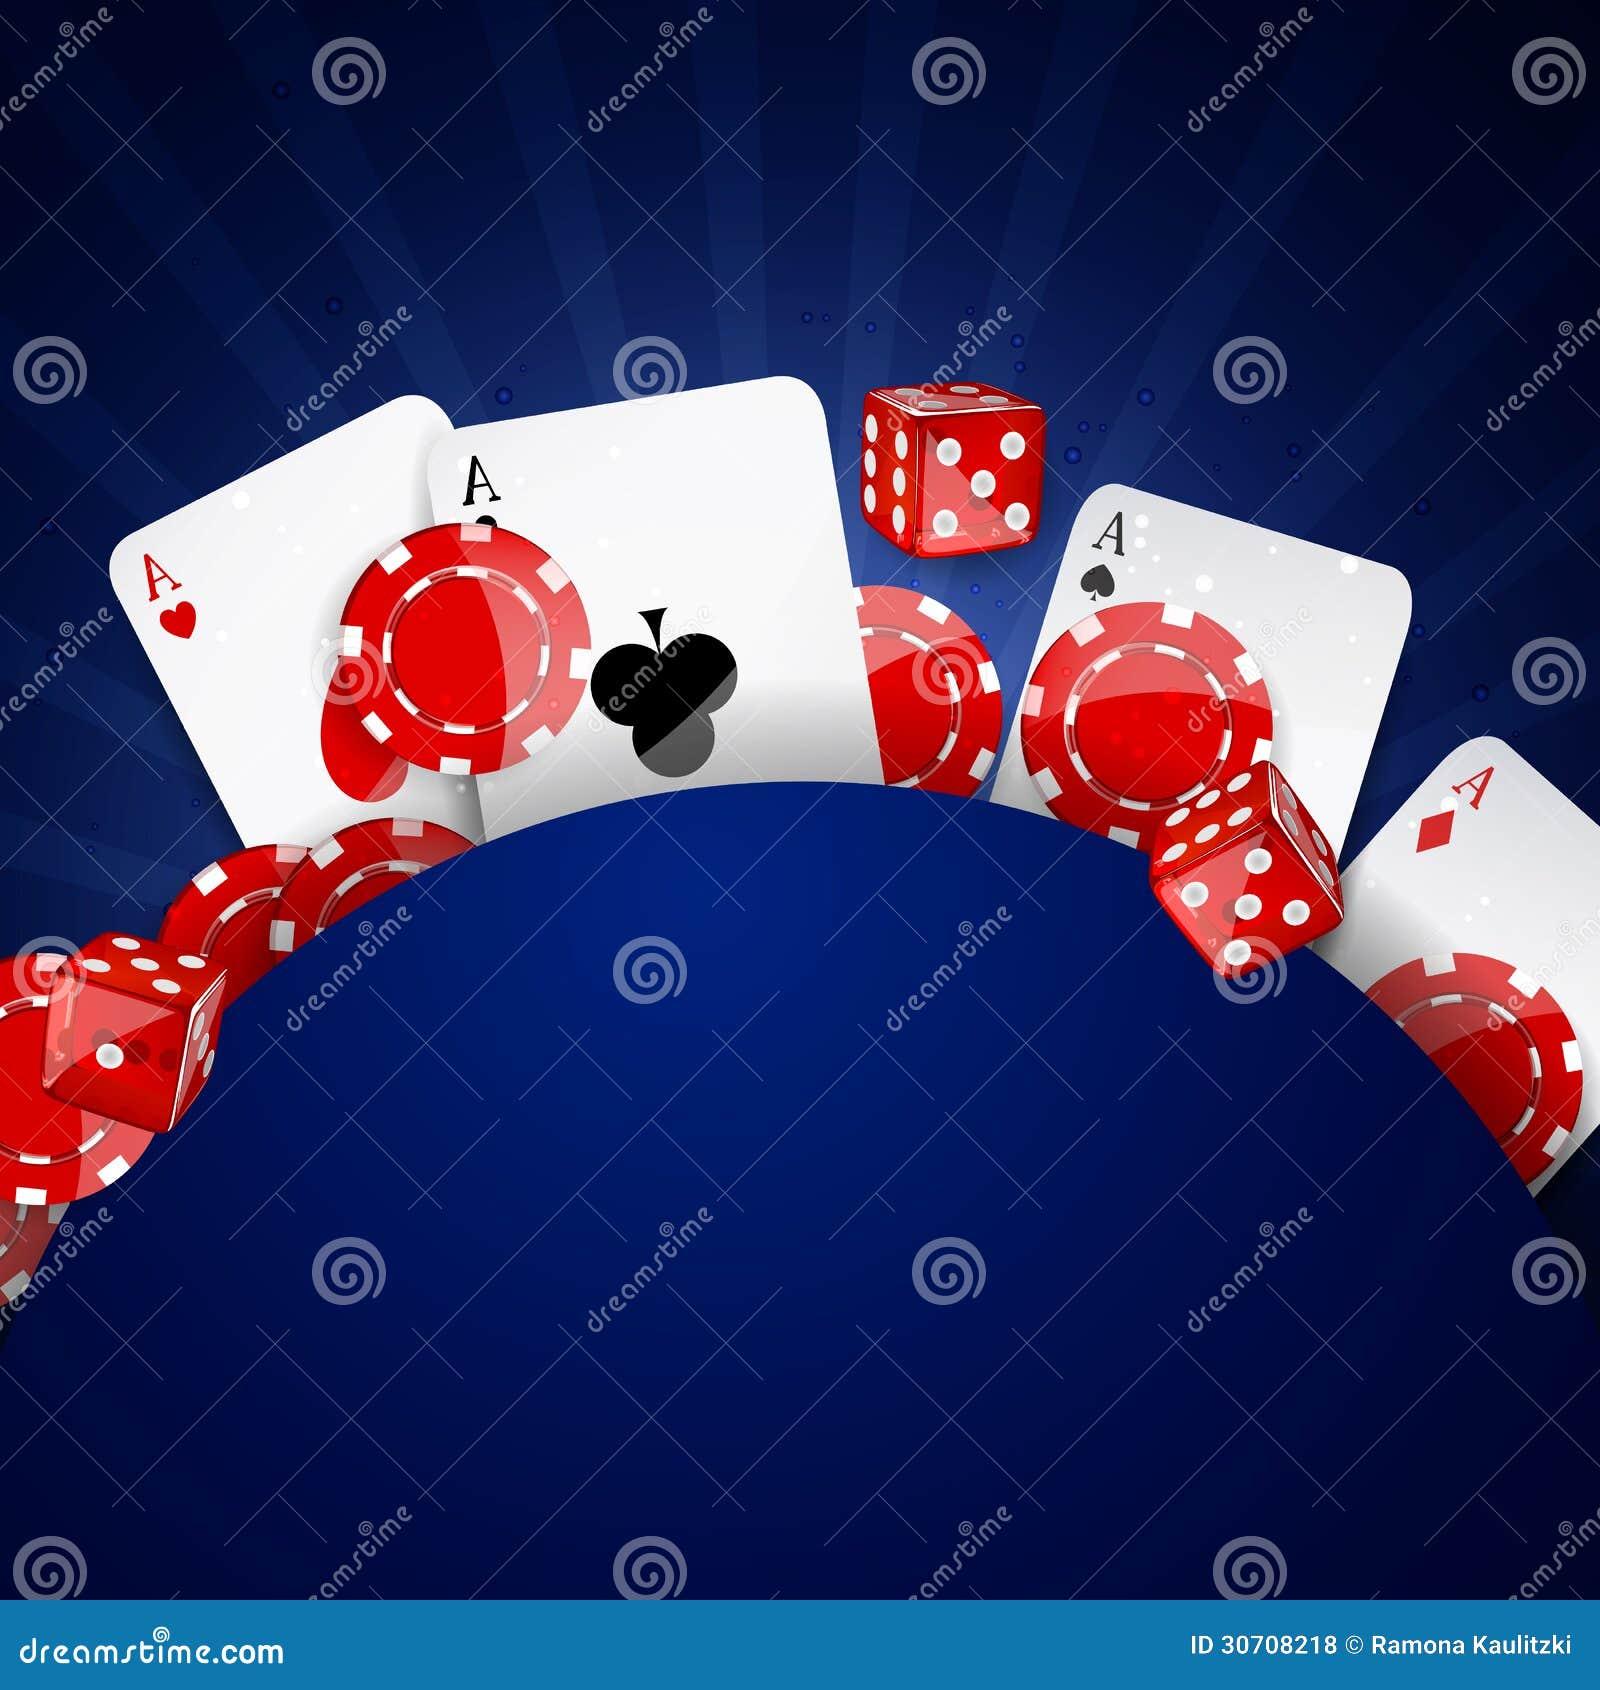 赌博娱乐场背景